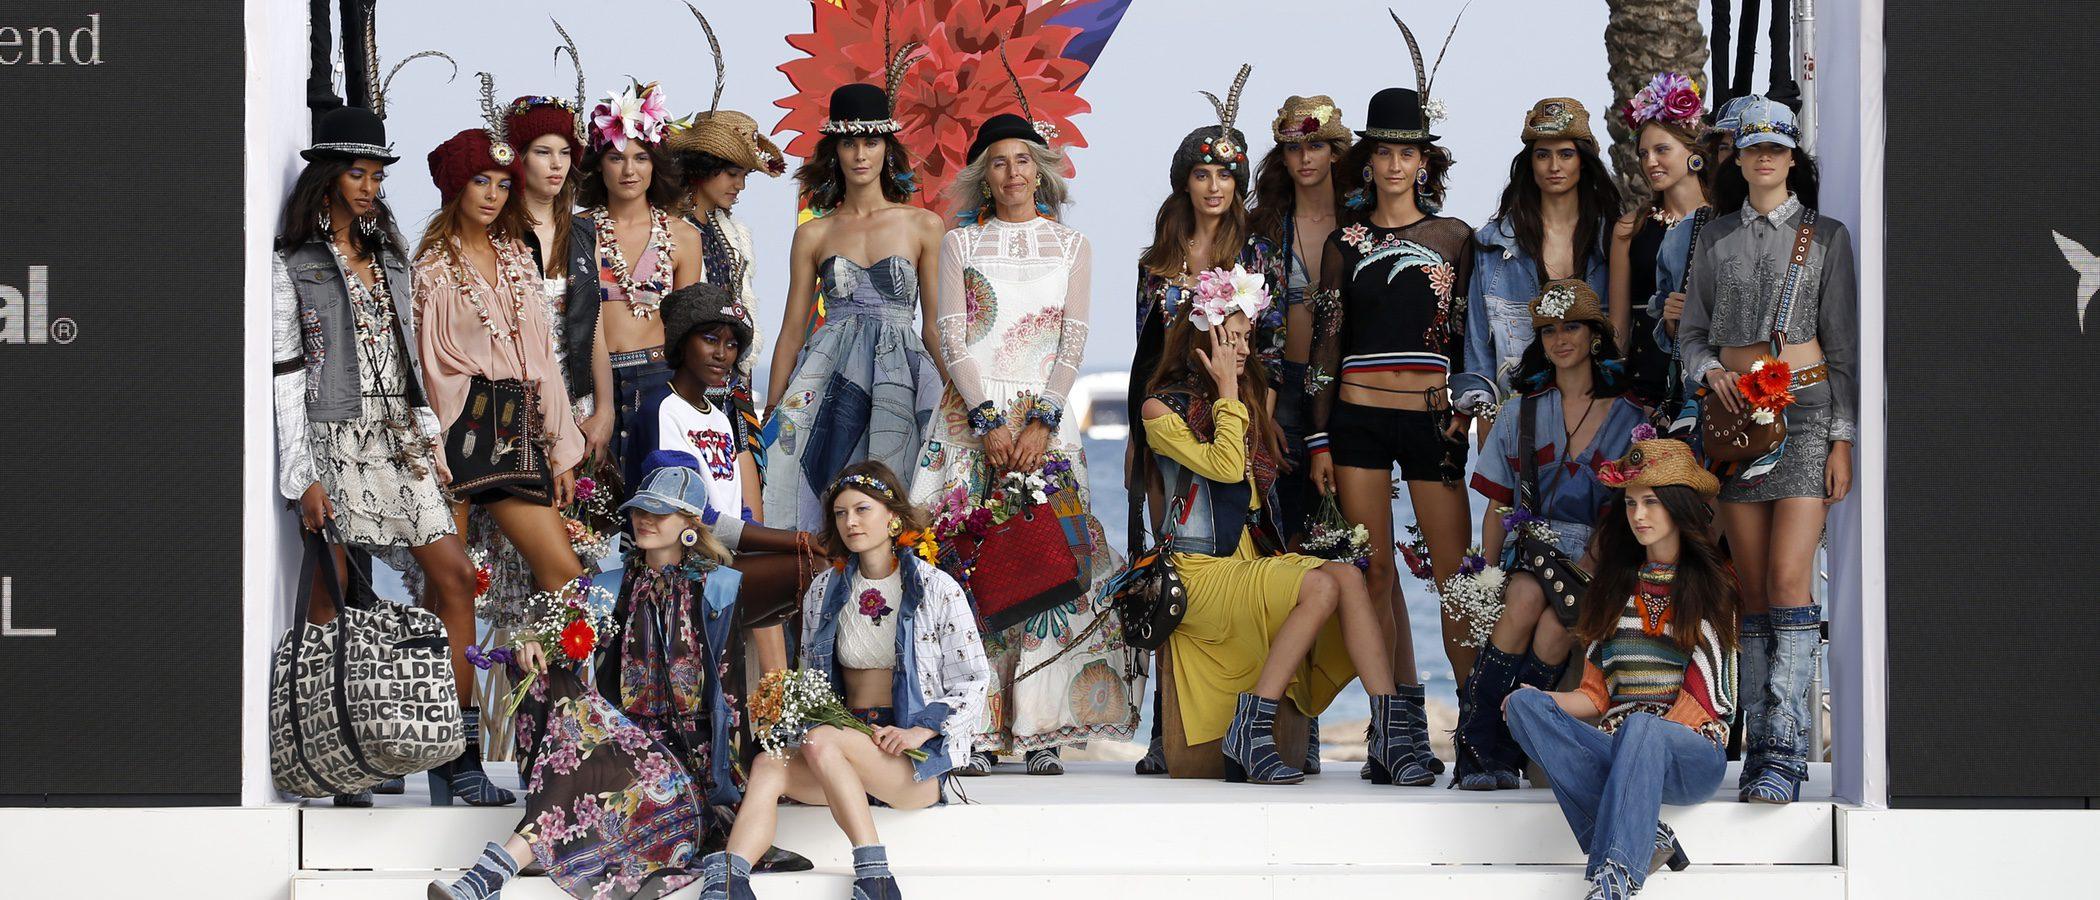 Desigual apuesta por lo tropical y el vintage en su desfile de la Fashion Week de Ibiza 2017